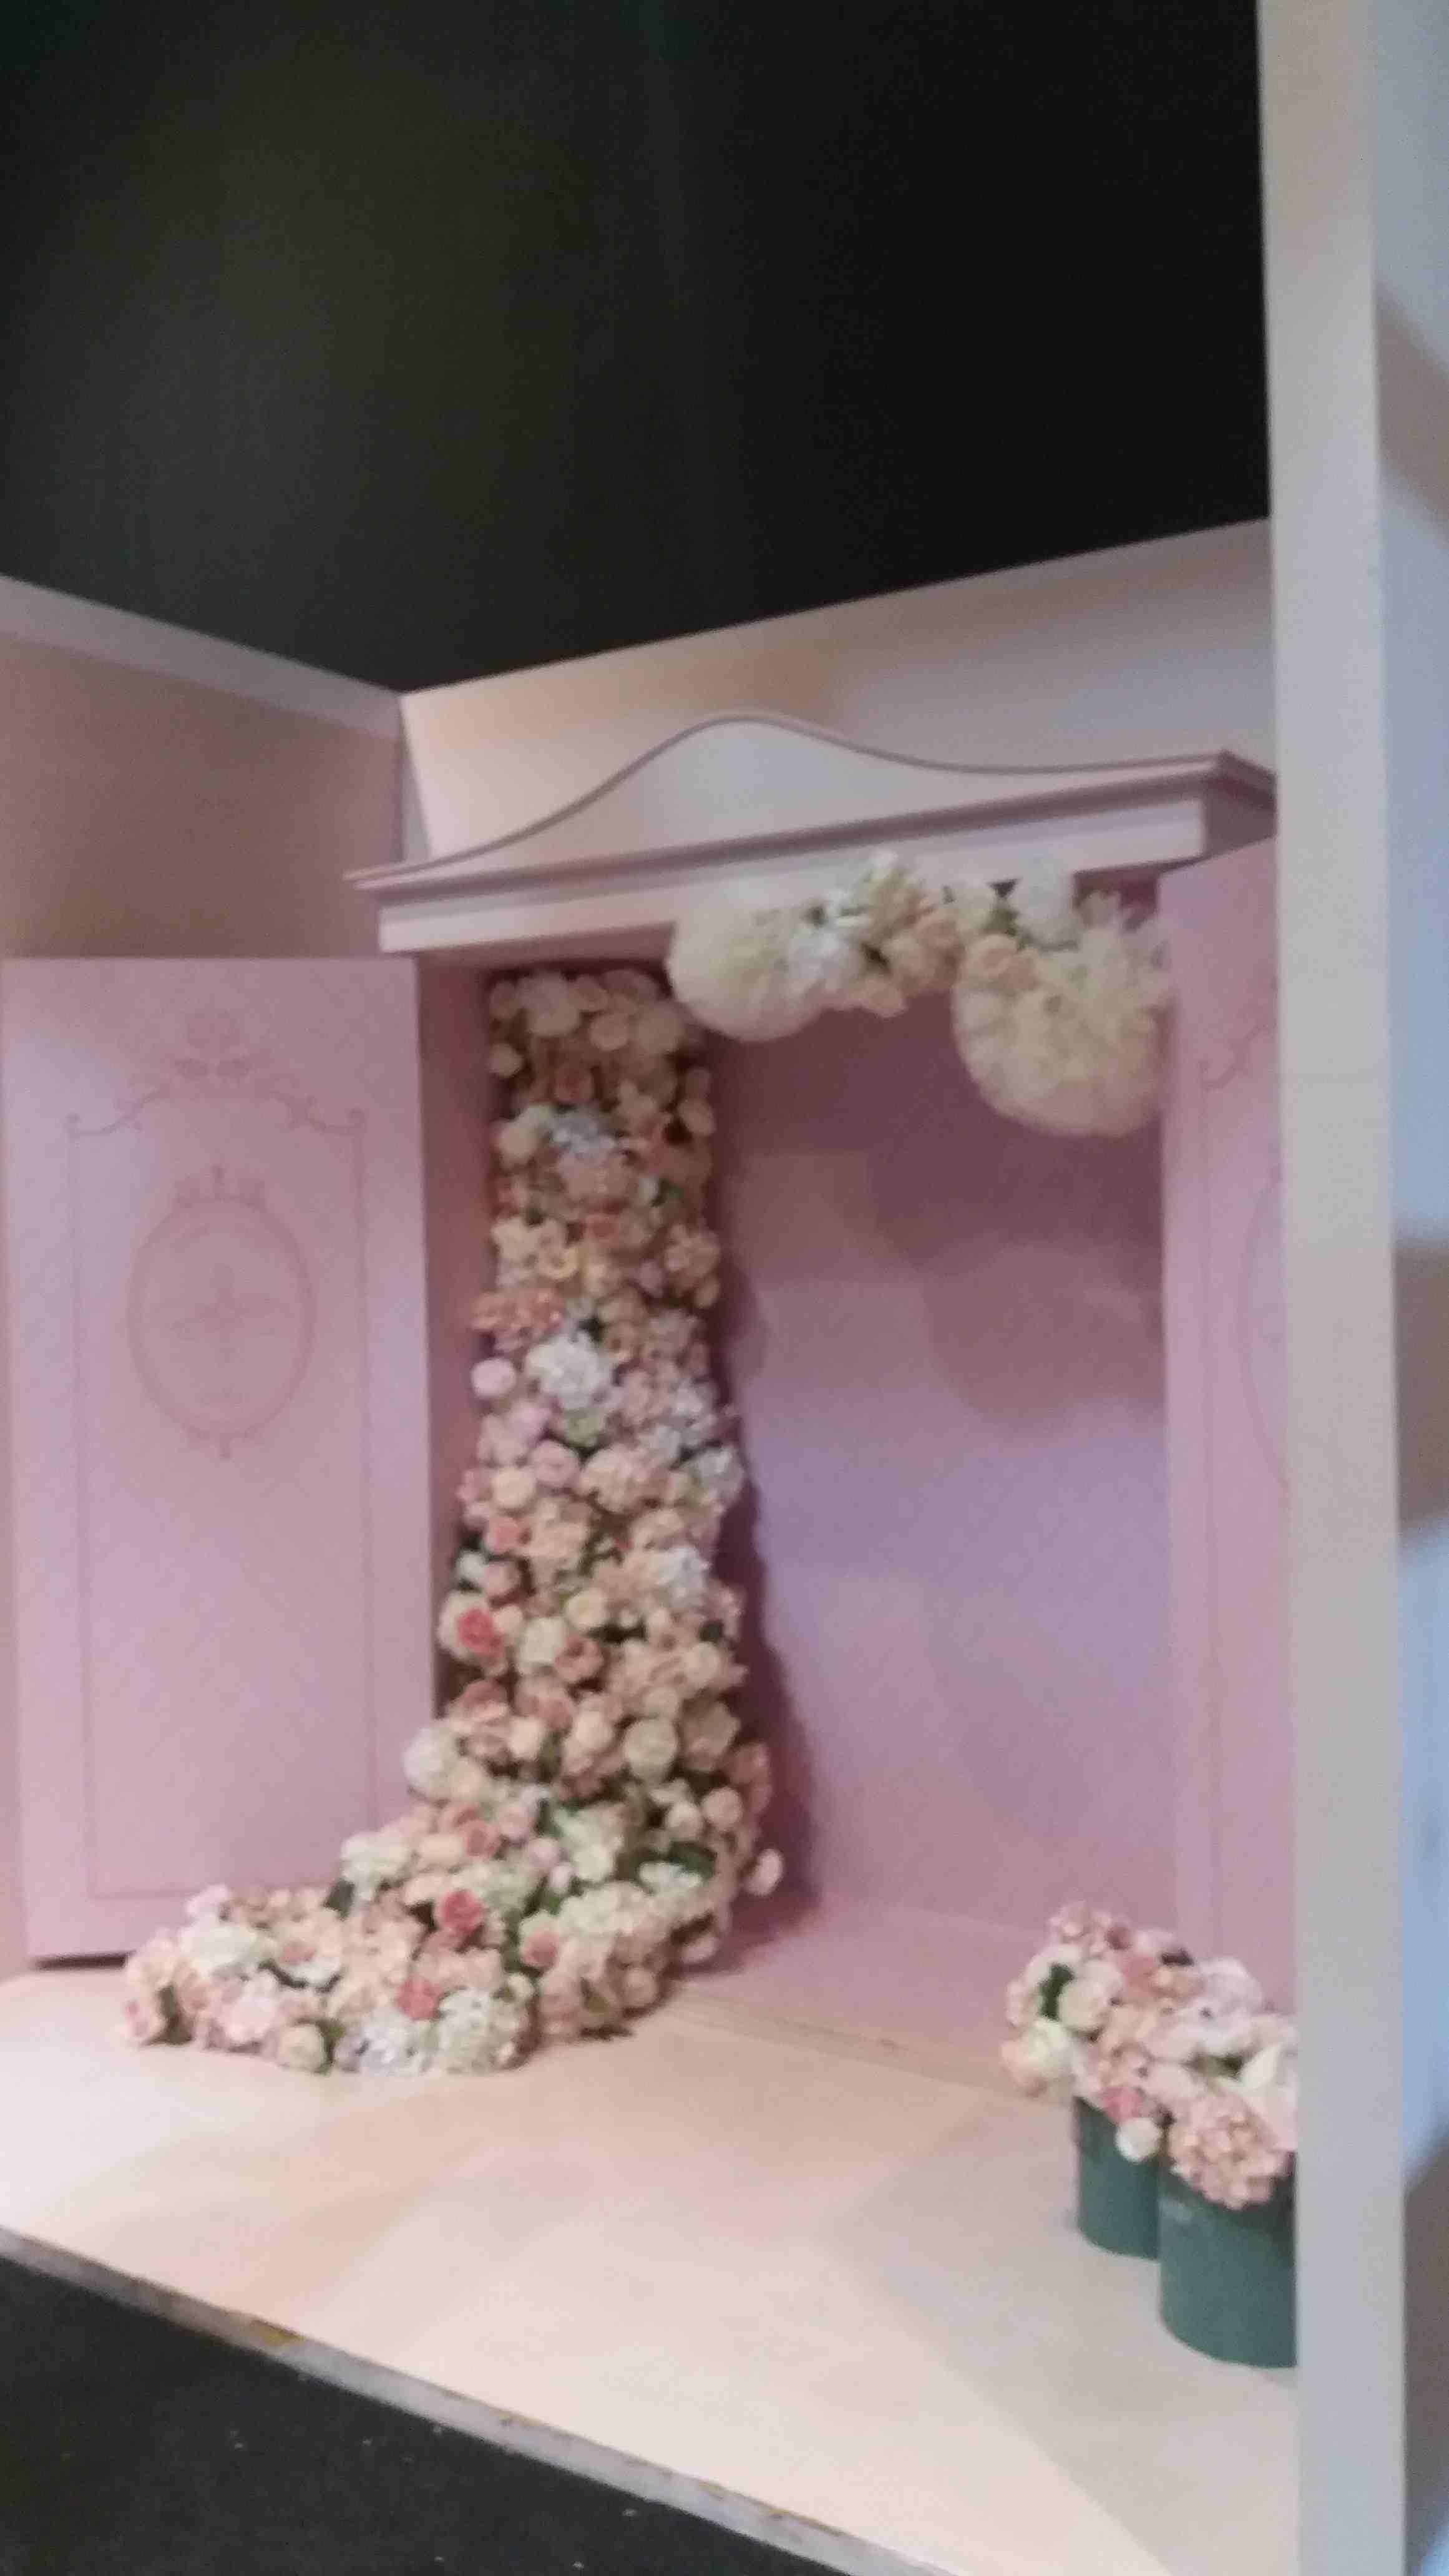 滿滿粉紅色加上花朵的少女風攝影棚